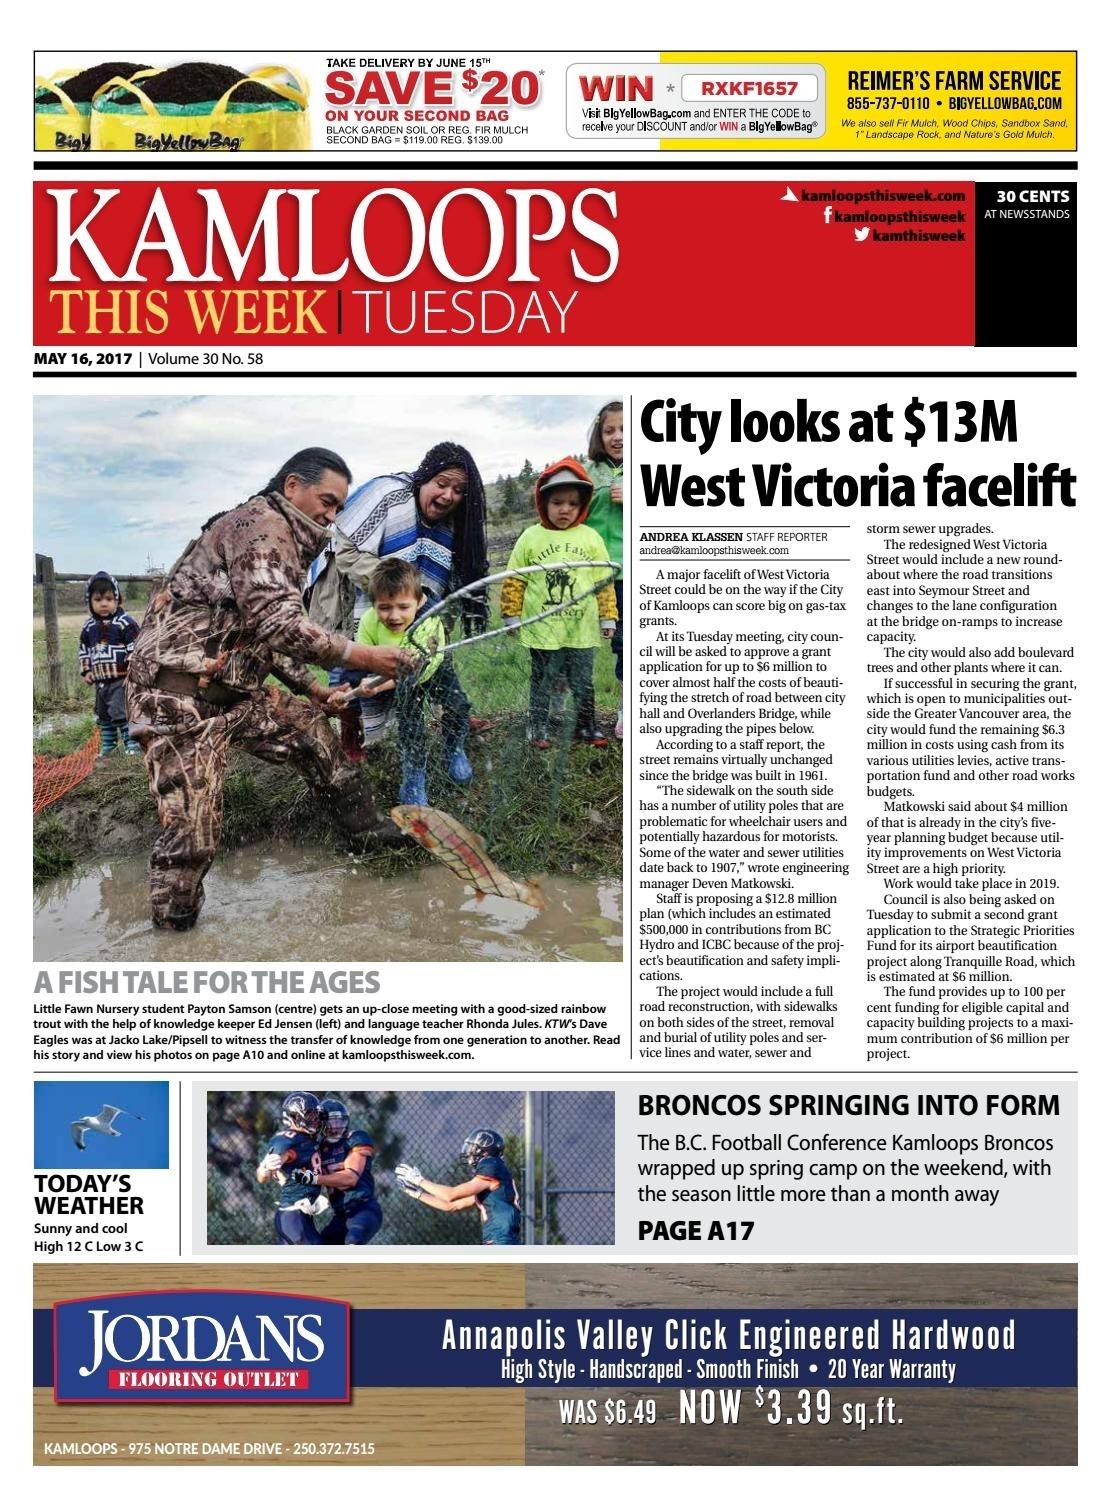 Kamloops This Week May 16, 2017 By Kamloopsthisweek - Issuu